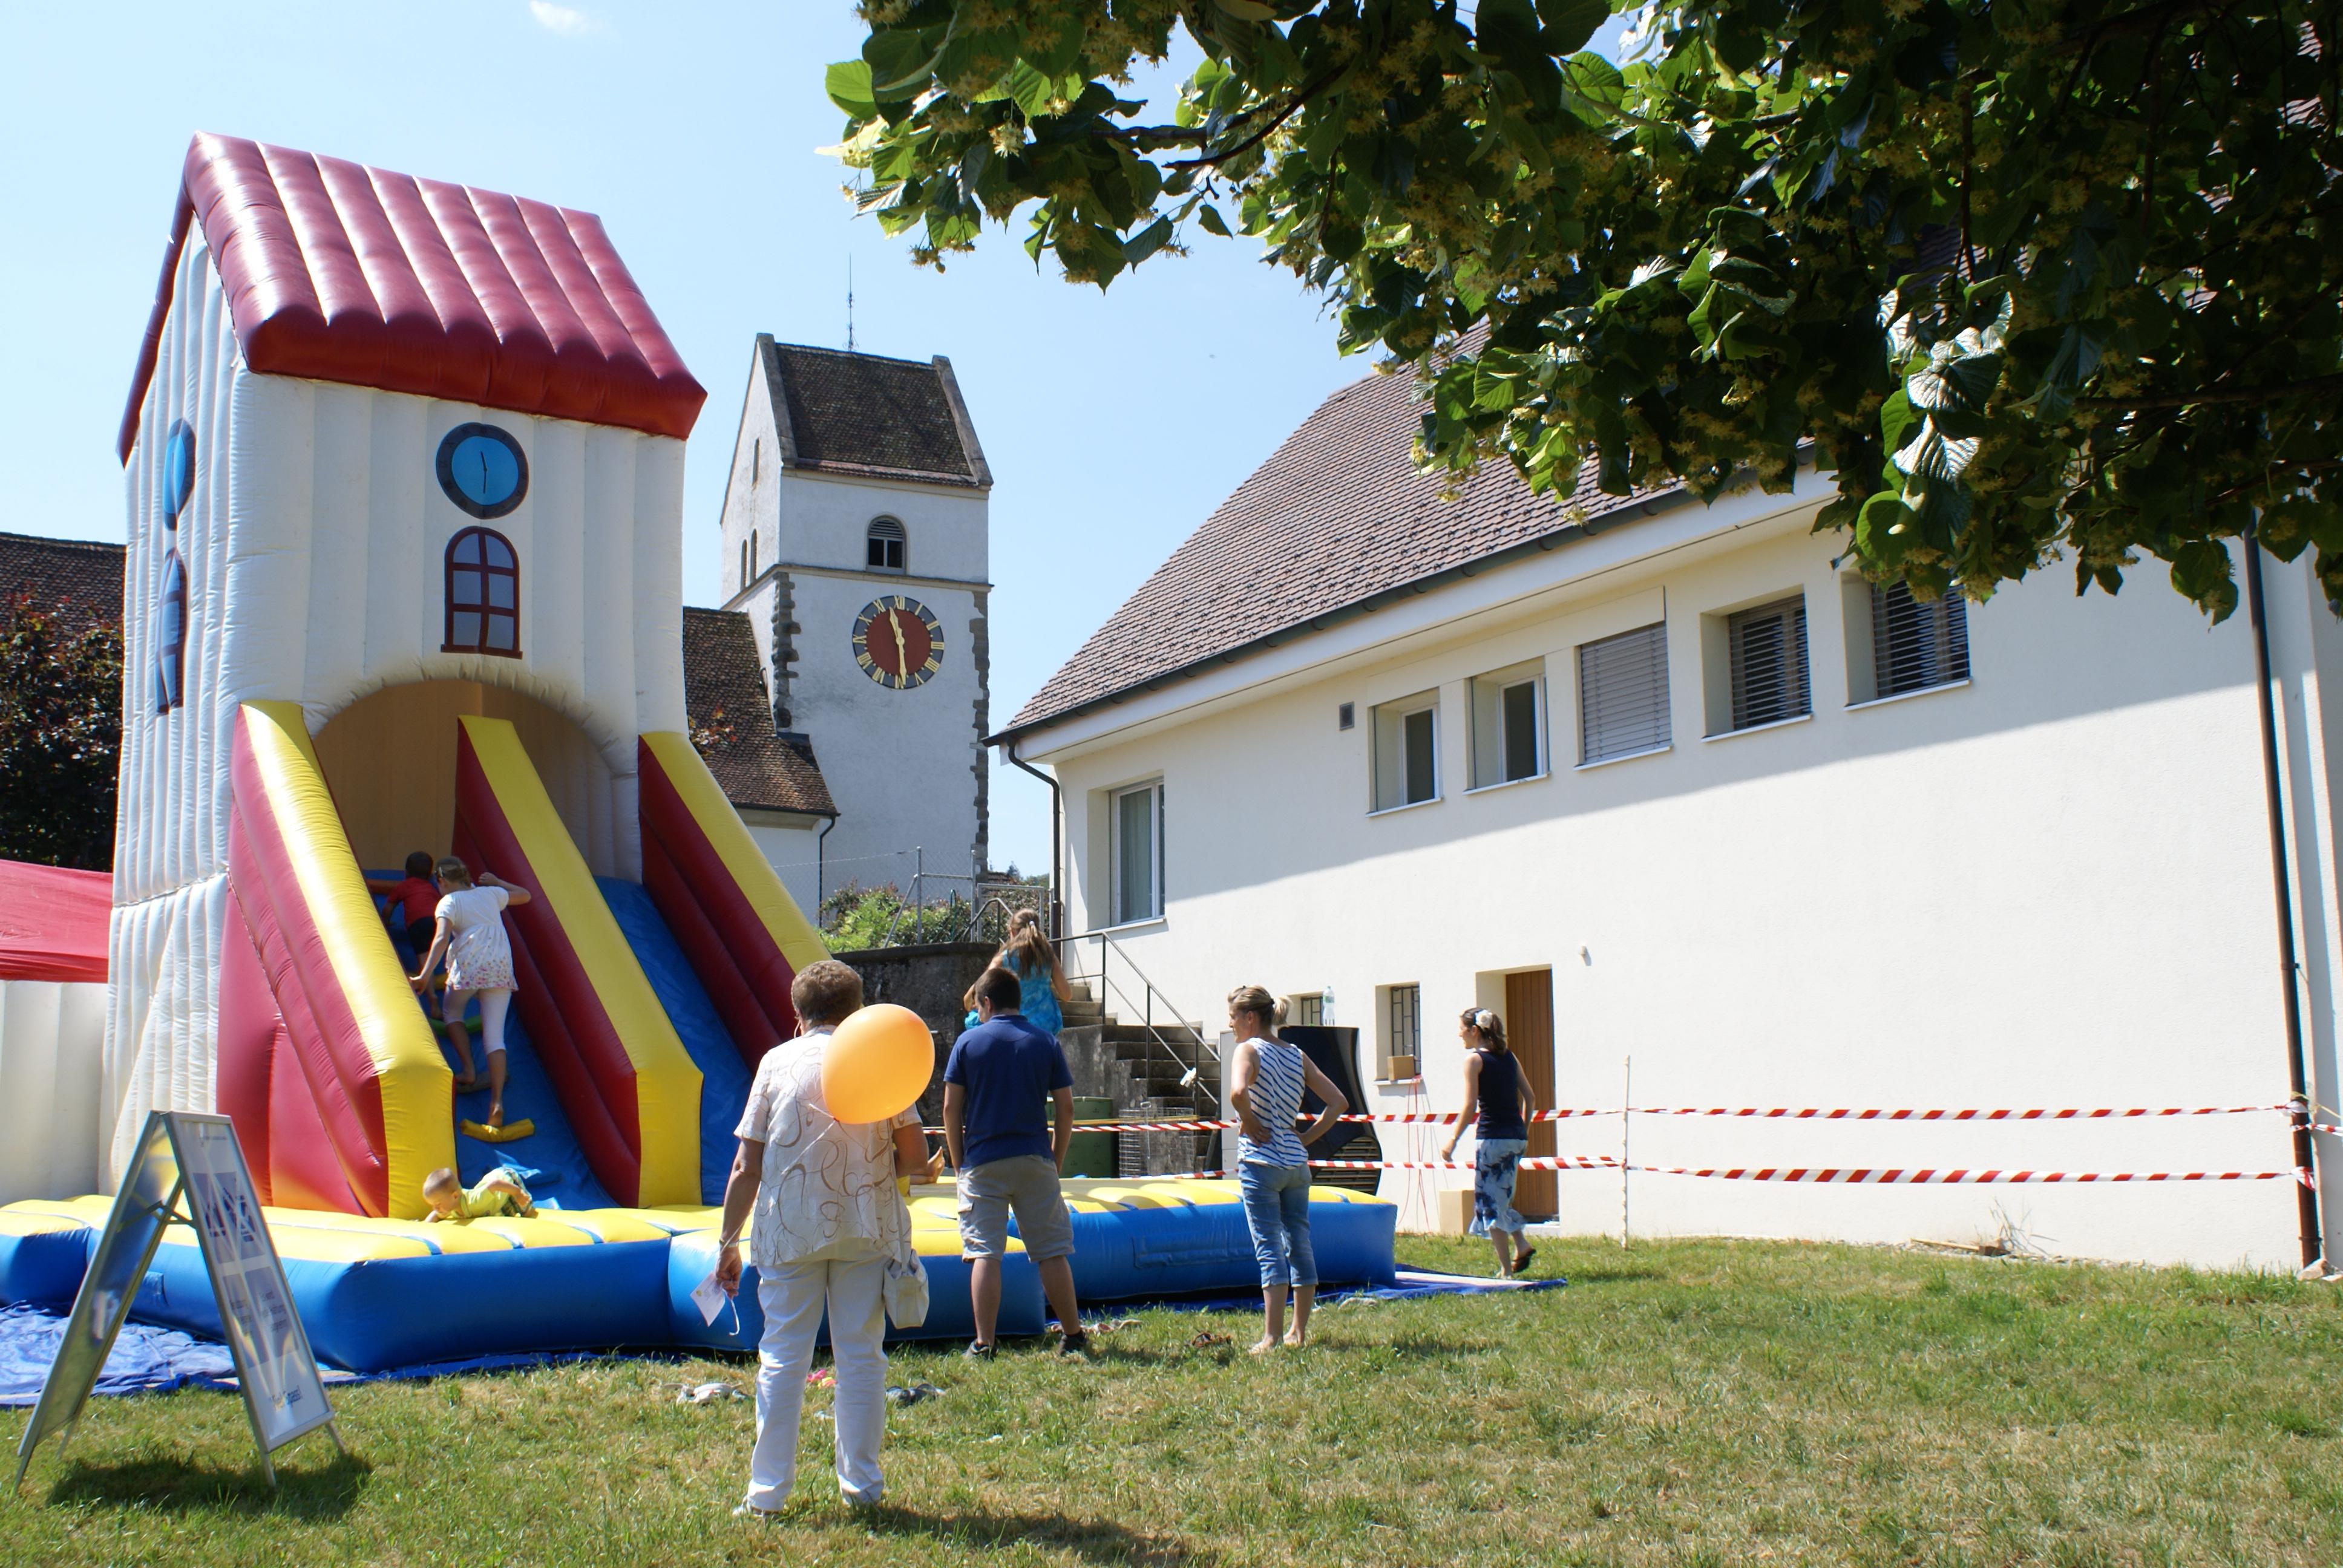 Hüpfkirche und veltner Kirche in Eintracht neben einander